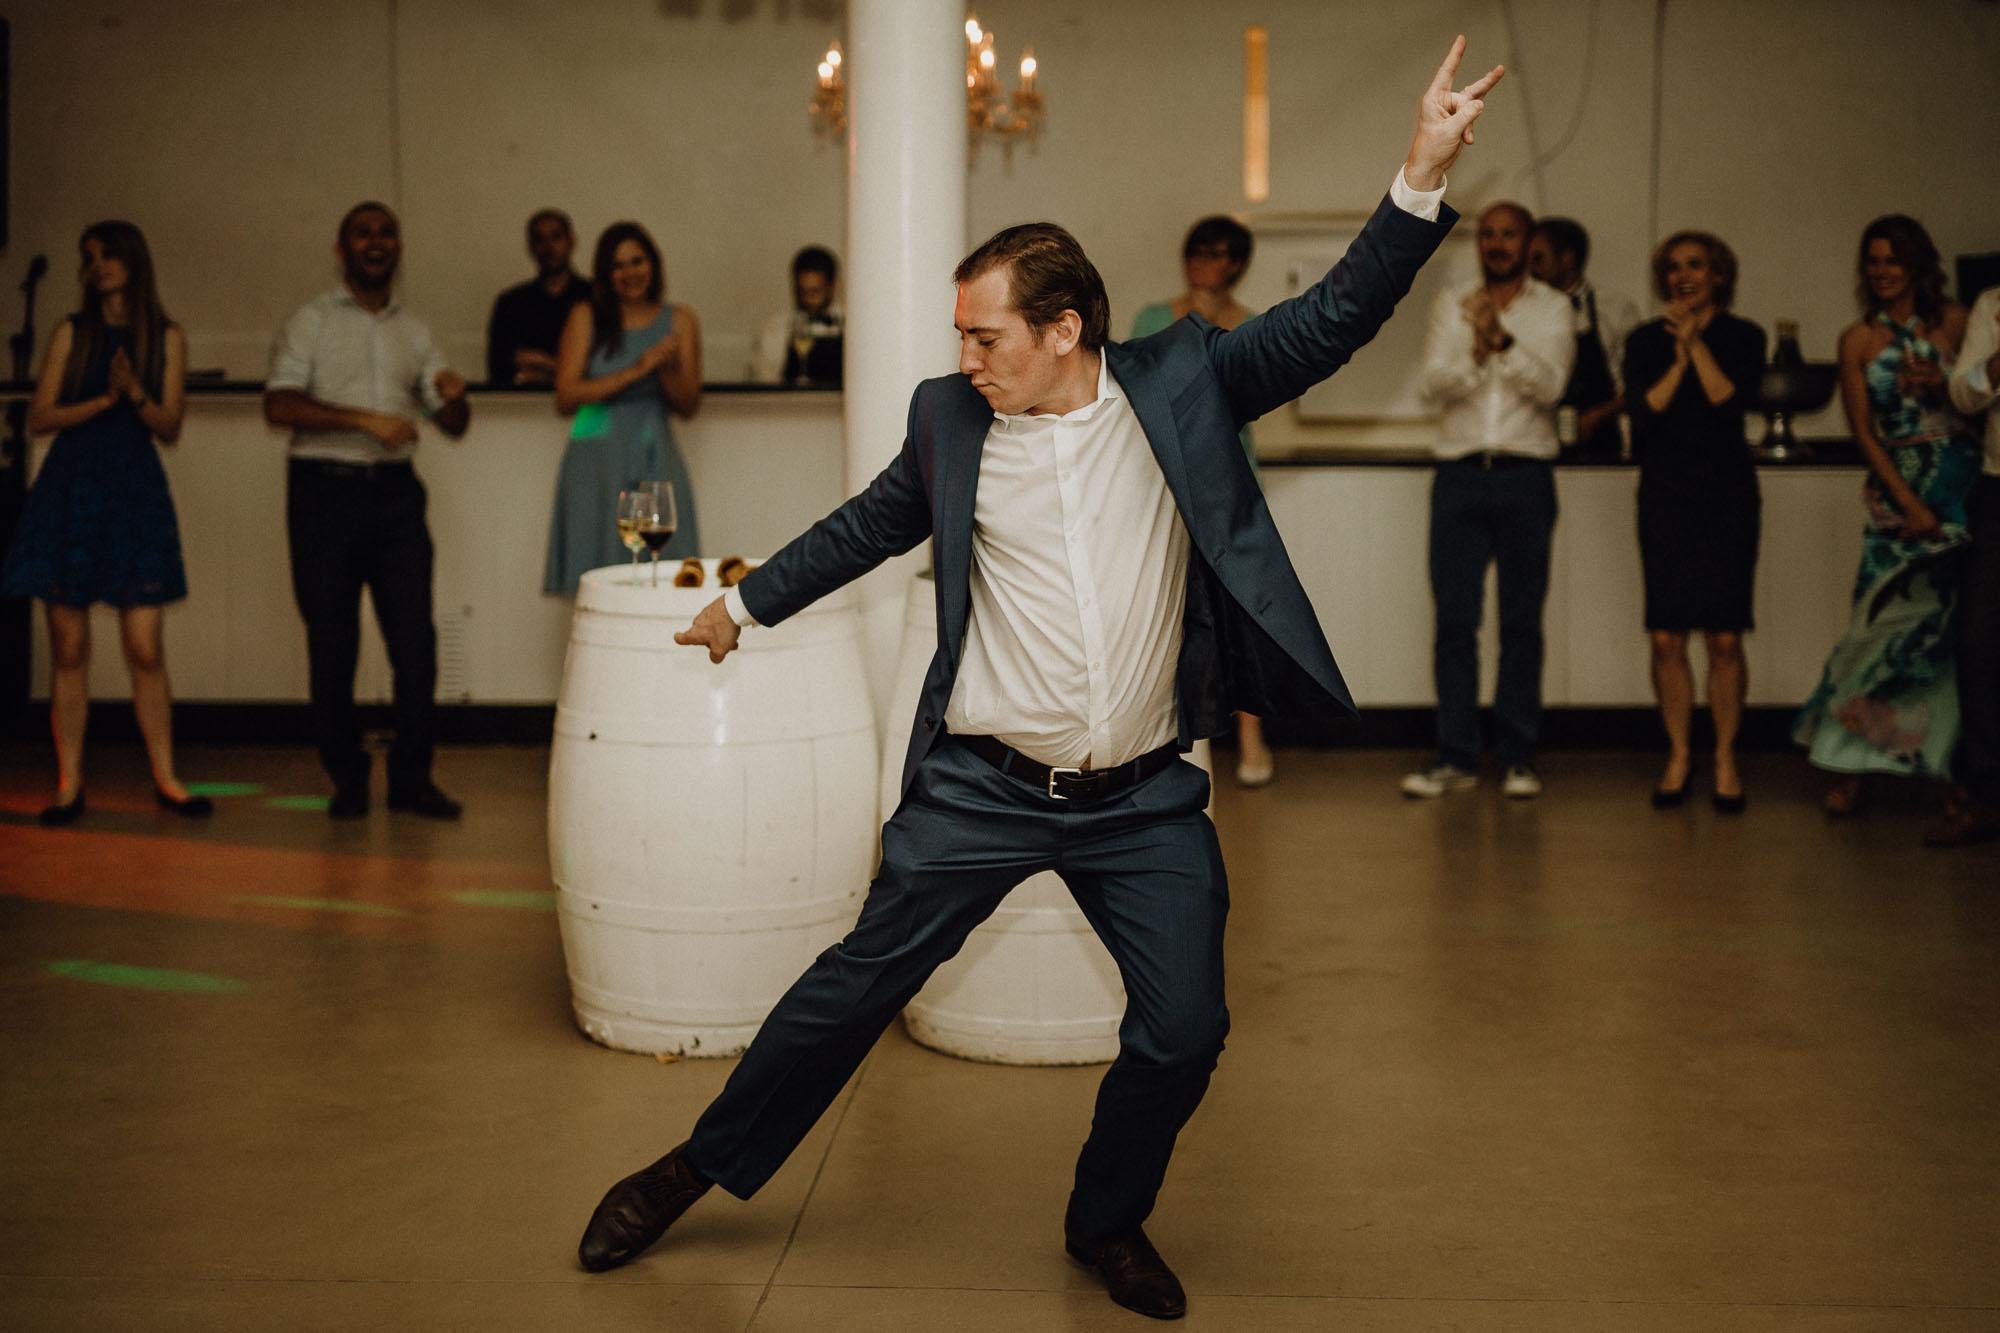 Mann macht einen coolen Tanzmove